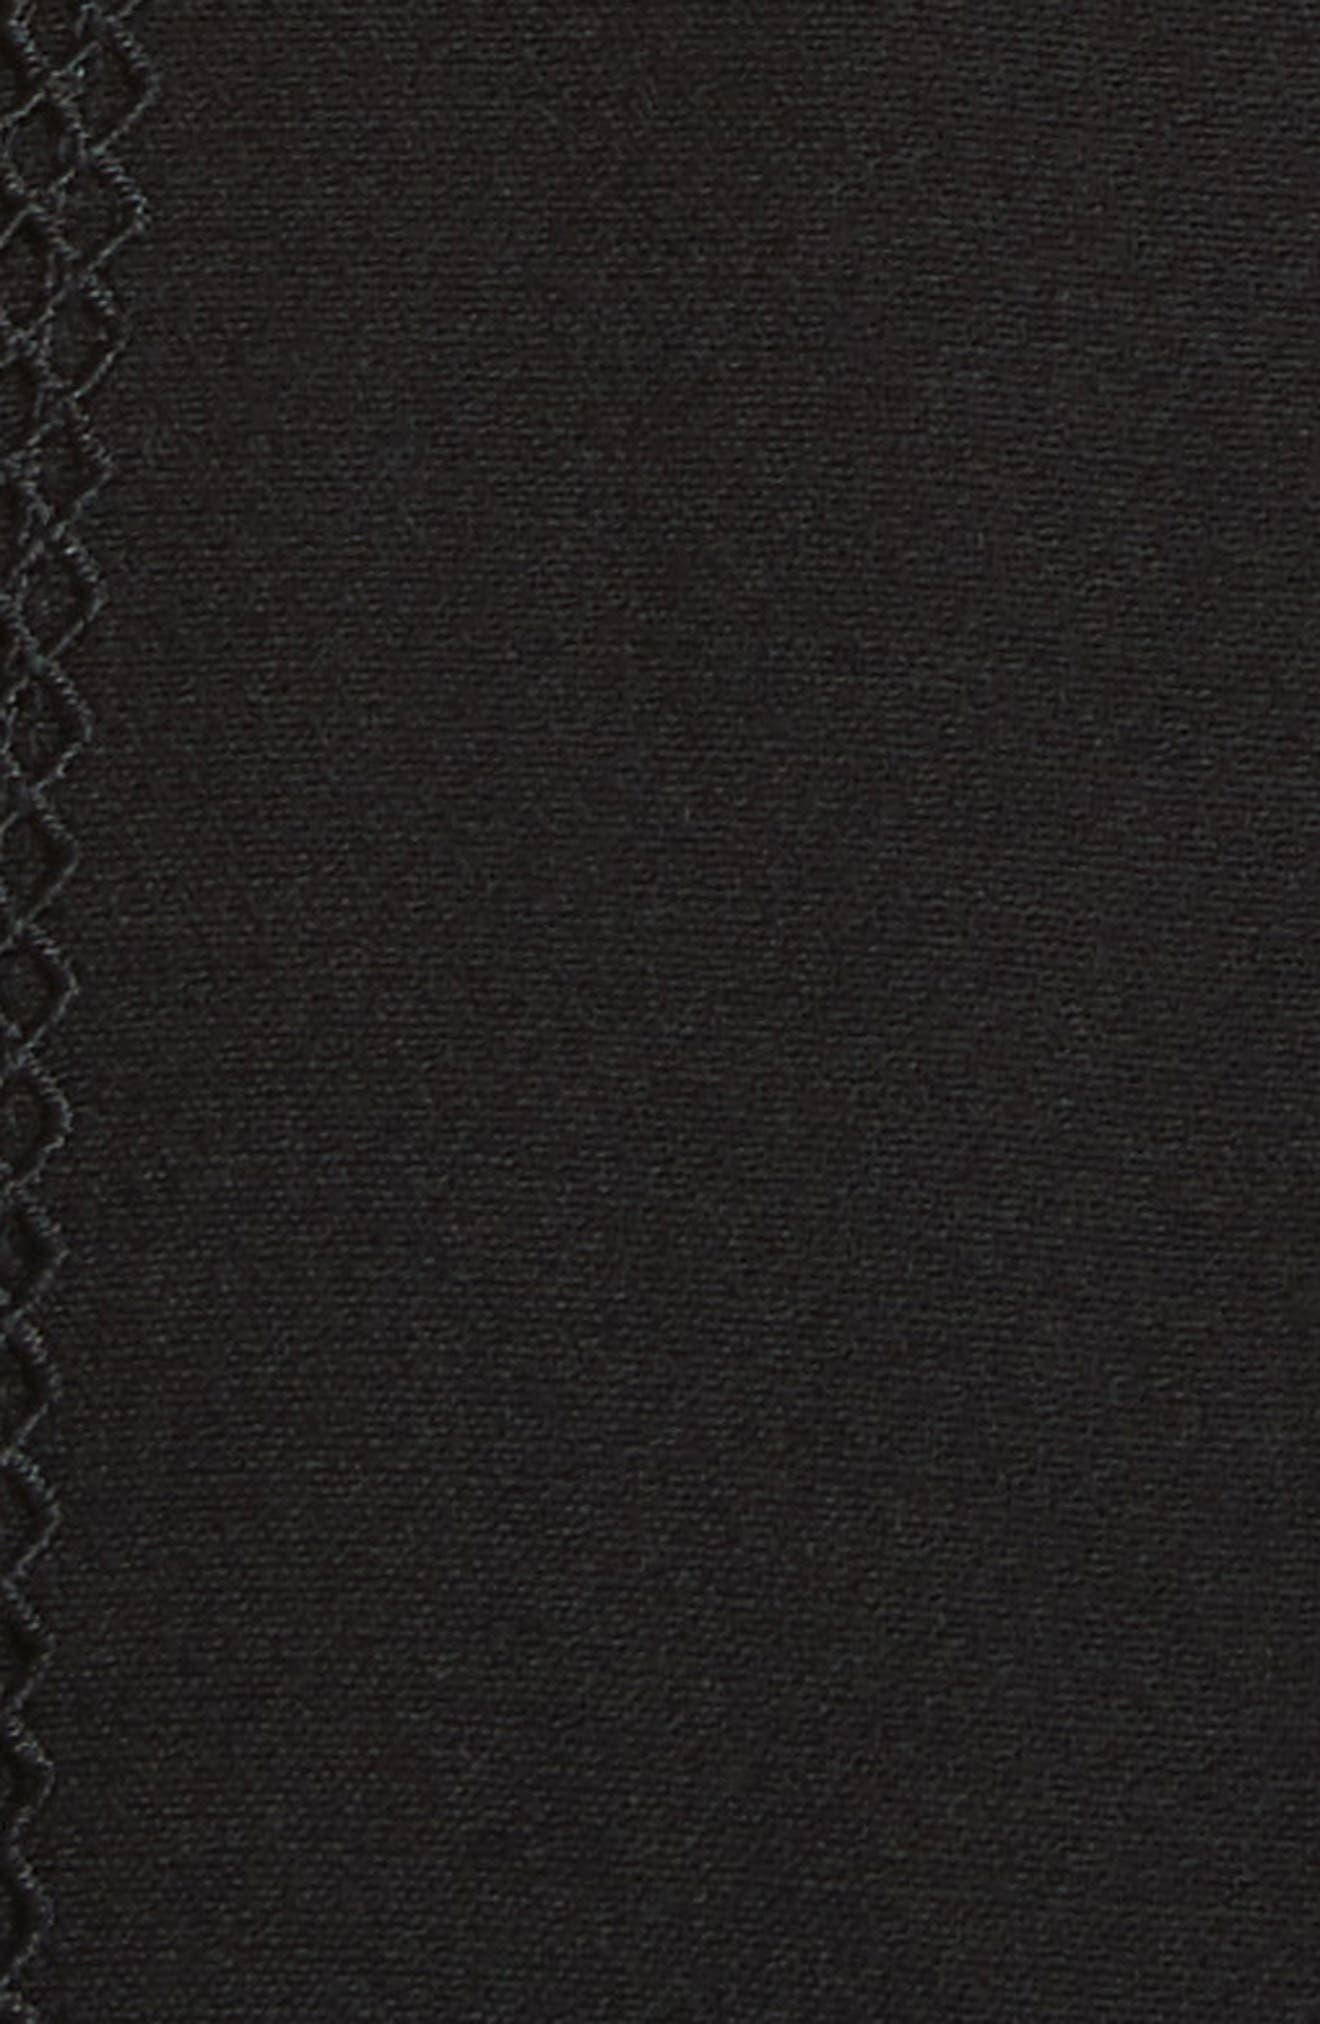 Trimmed Overlay Minidress,                             Alternate thumbnail 5, color,                             Black